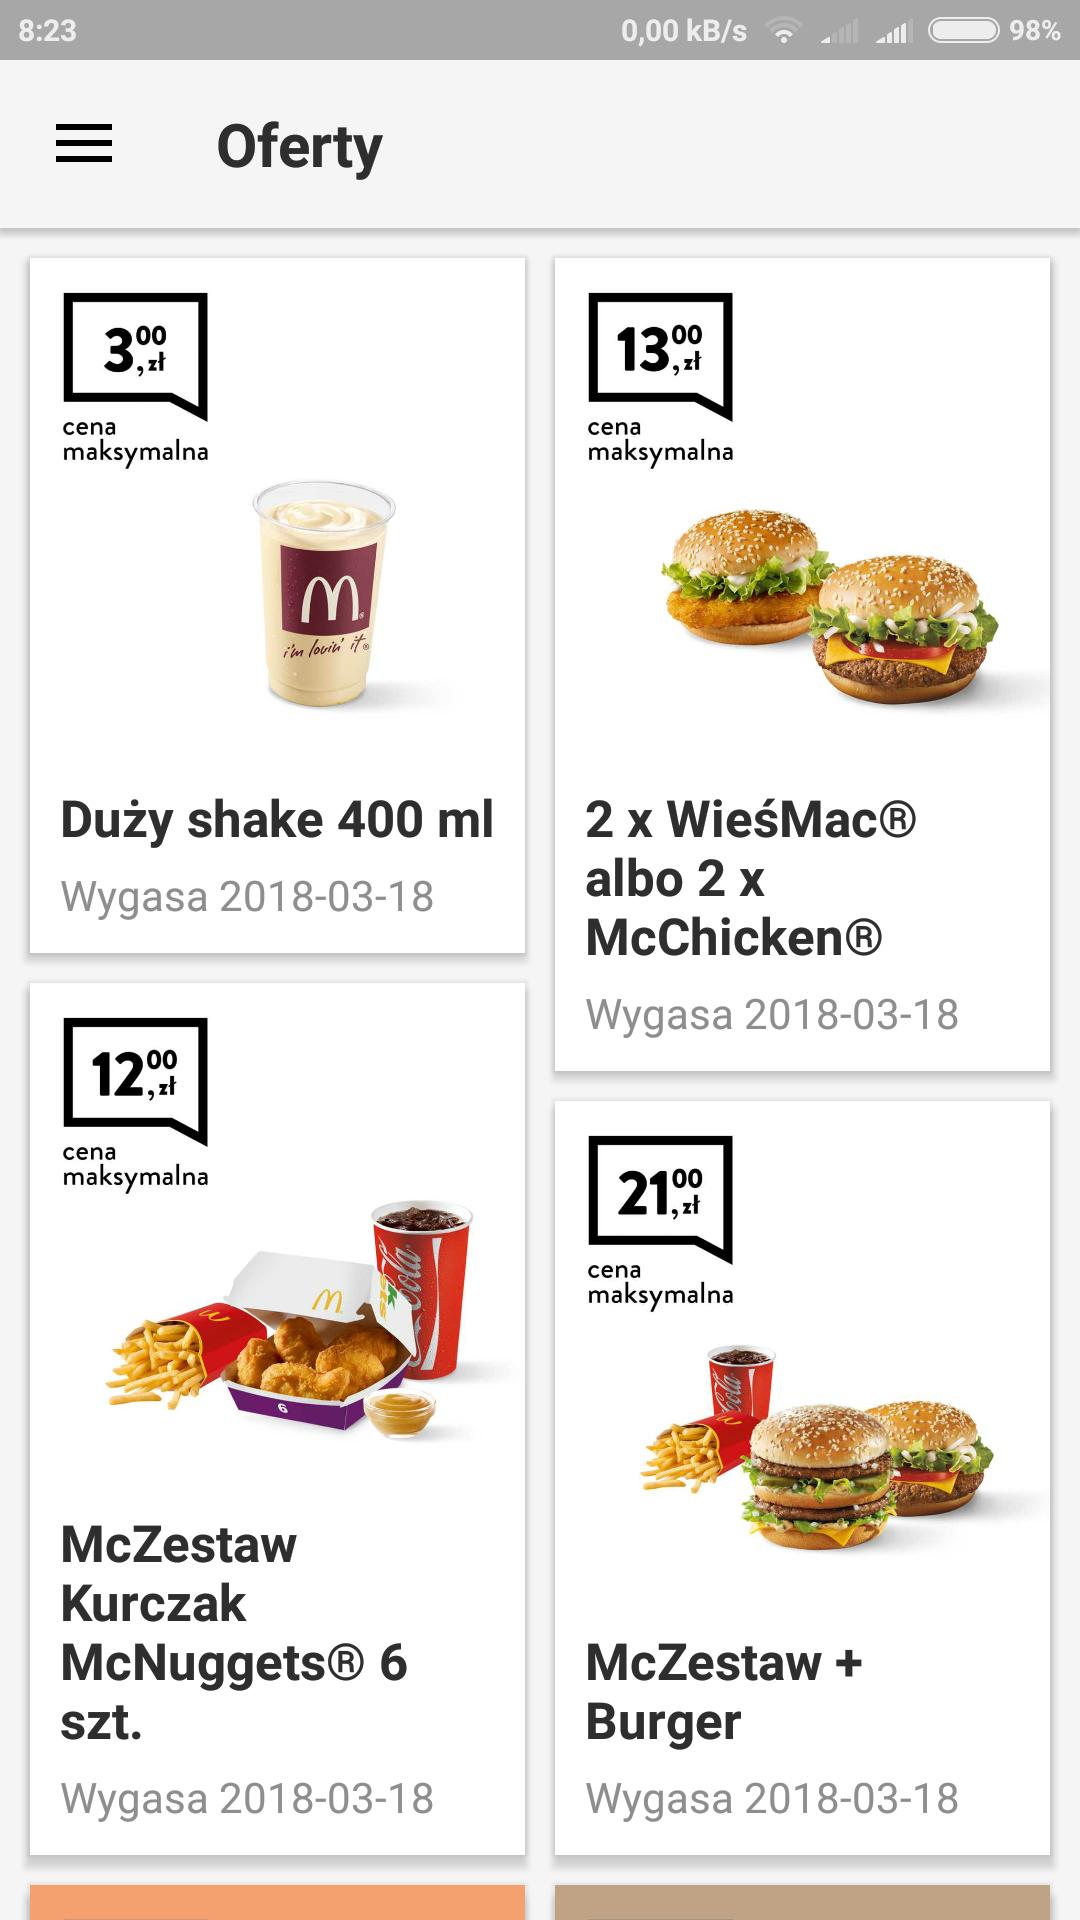 Nowe kupony McDonald's 2x wiesmak 13zl duzy shake 3 zl